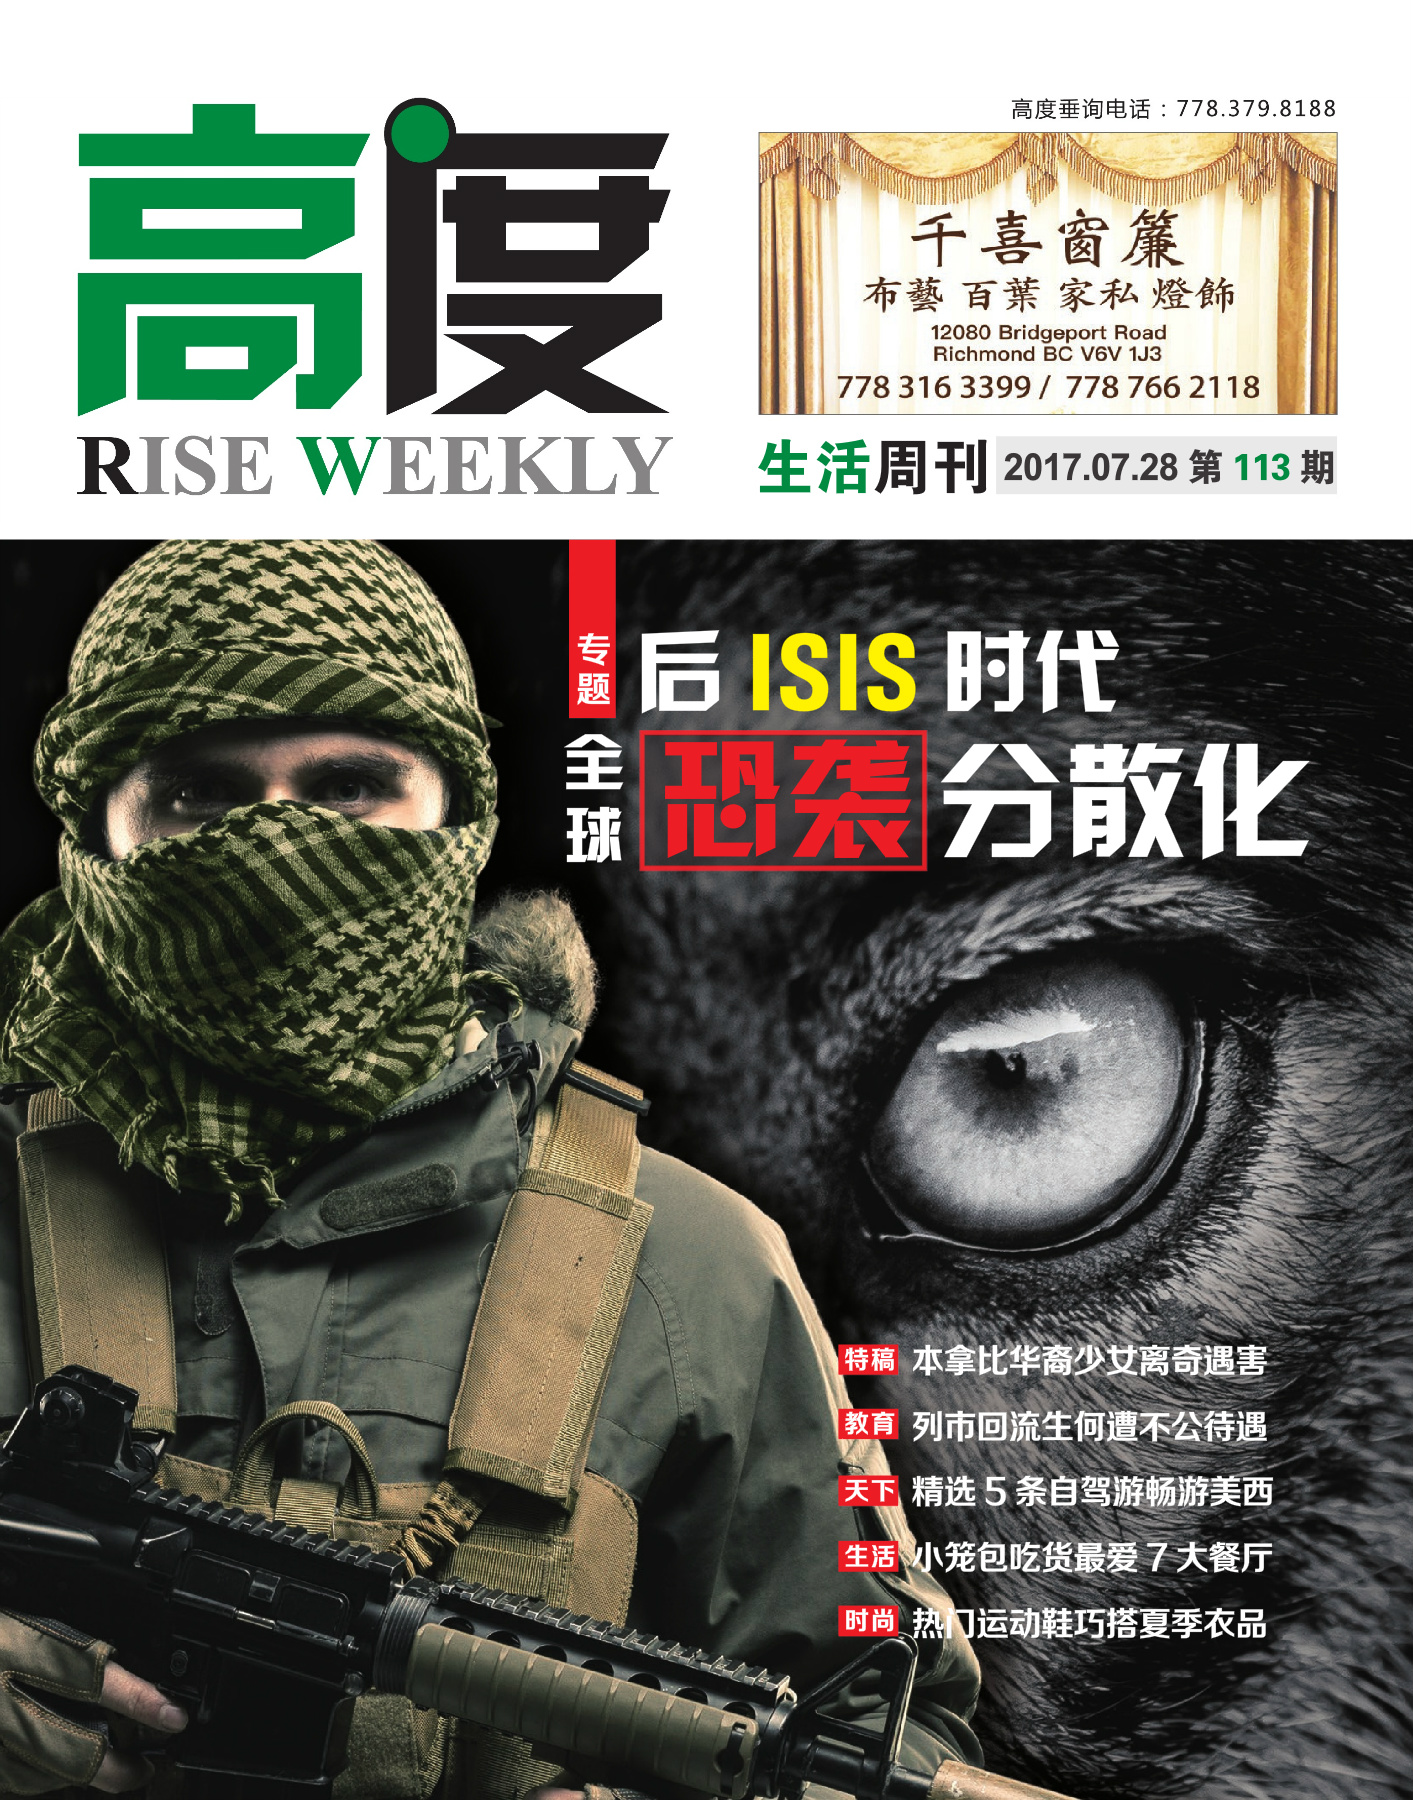 高度生活周刊 2017年07月28日 第113期